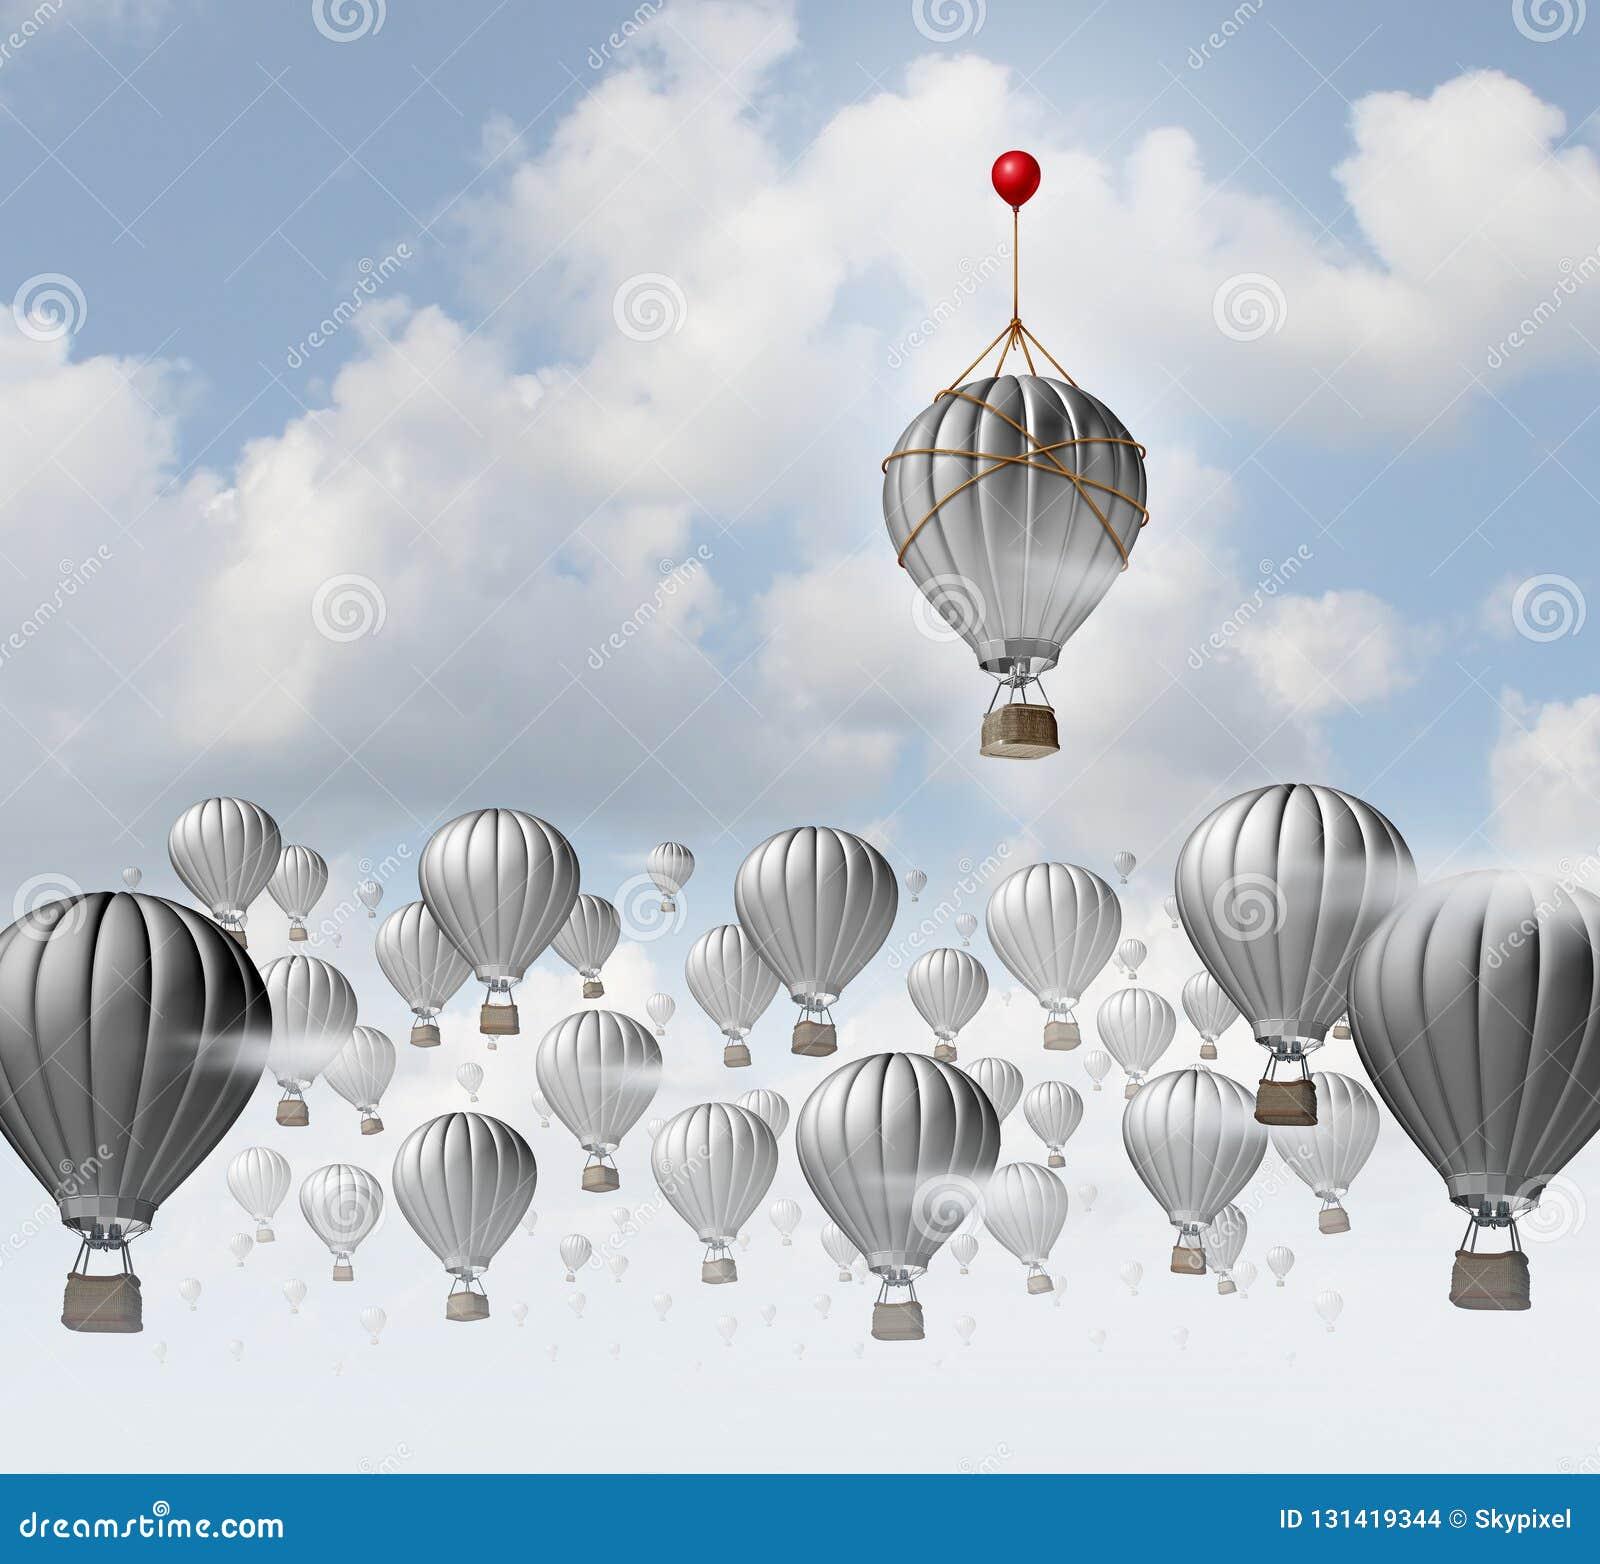 创造性创造性的想法作为认为的概念在箱子外面作为企业成功的一种独特的不同的解答作为3D